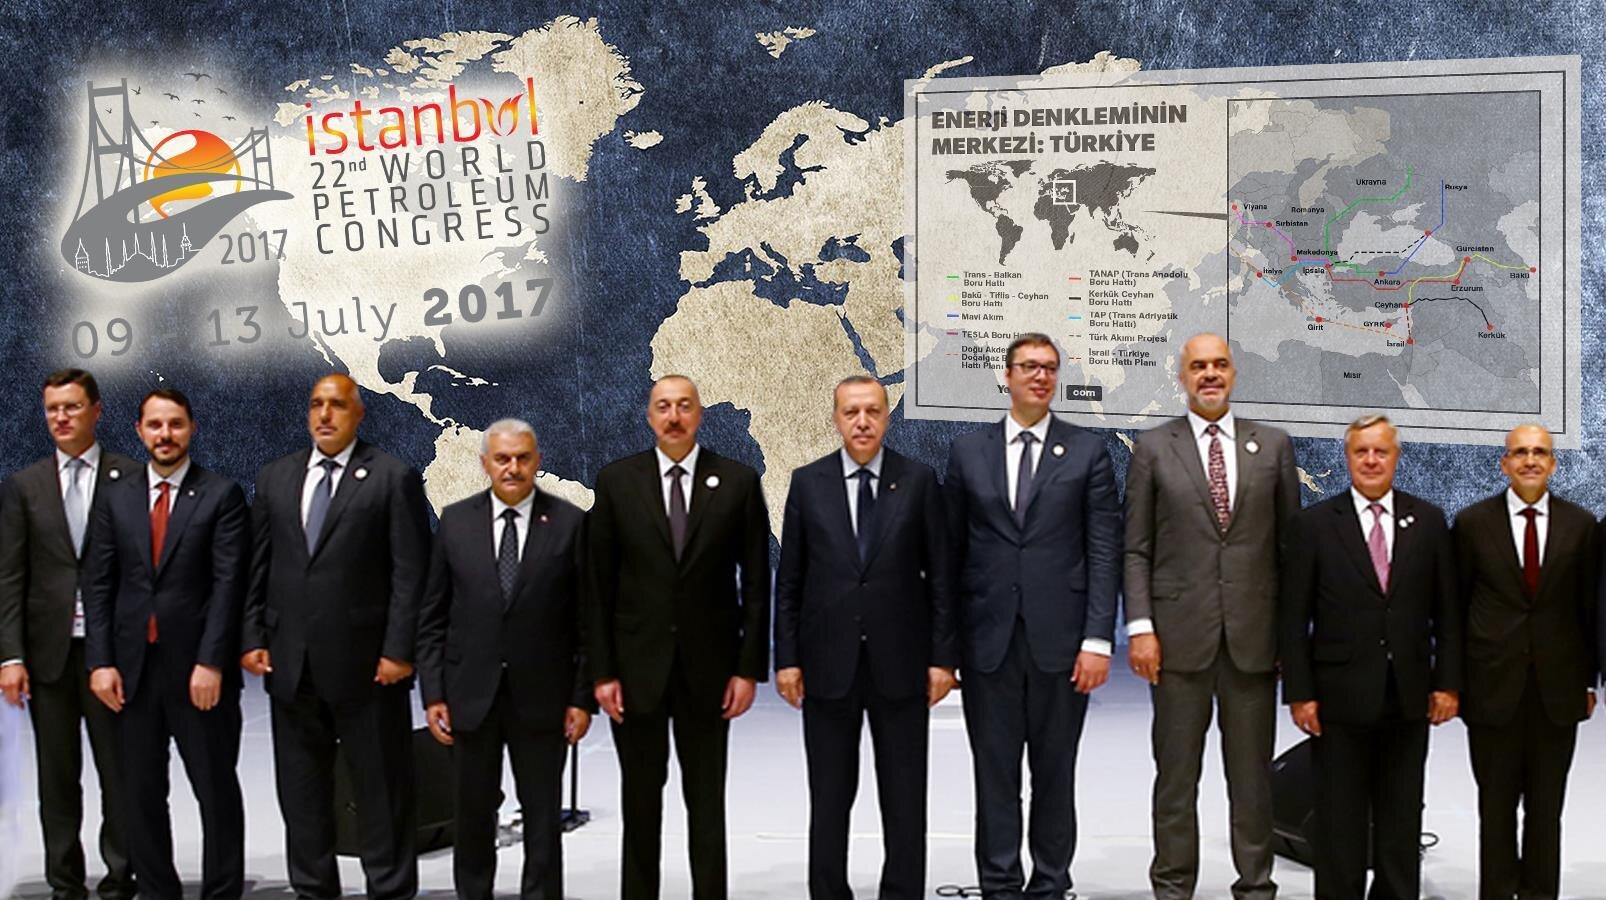 22. Dünya Petrol Kongresi, Cumhurbaşkanlığı himayesinde İstanbul'da gerçekleşti.